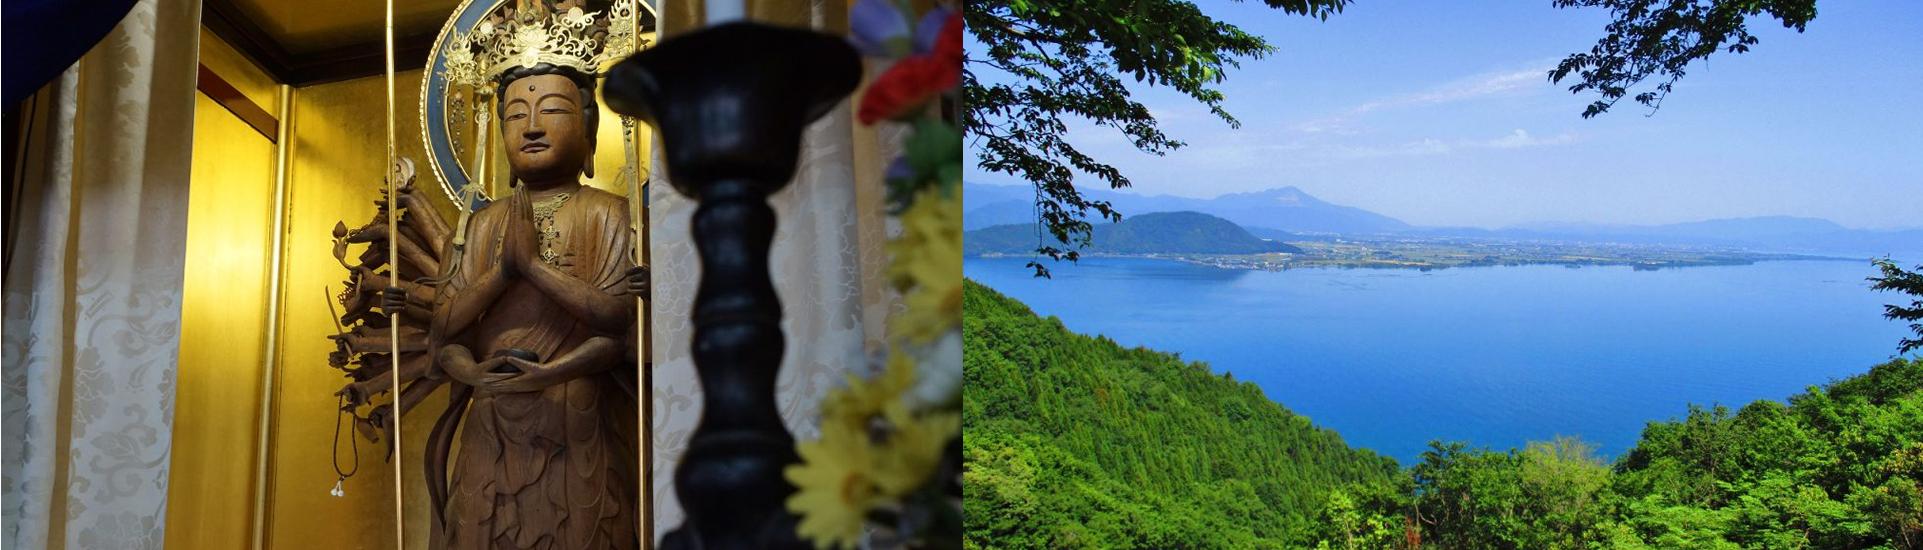 9月4日奥びわ湖エリアTOP画像